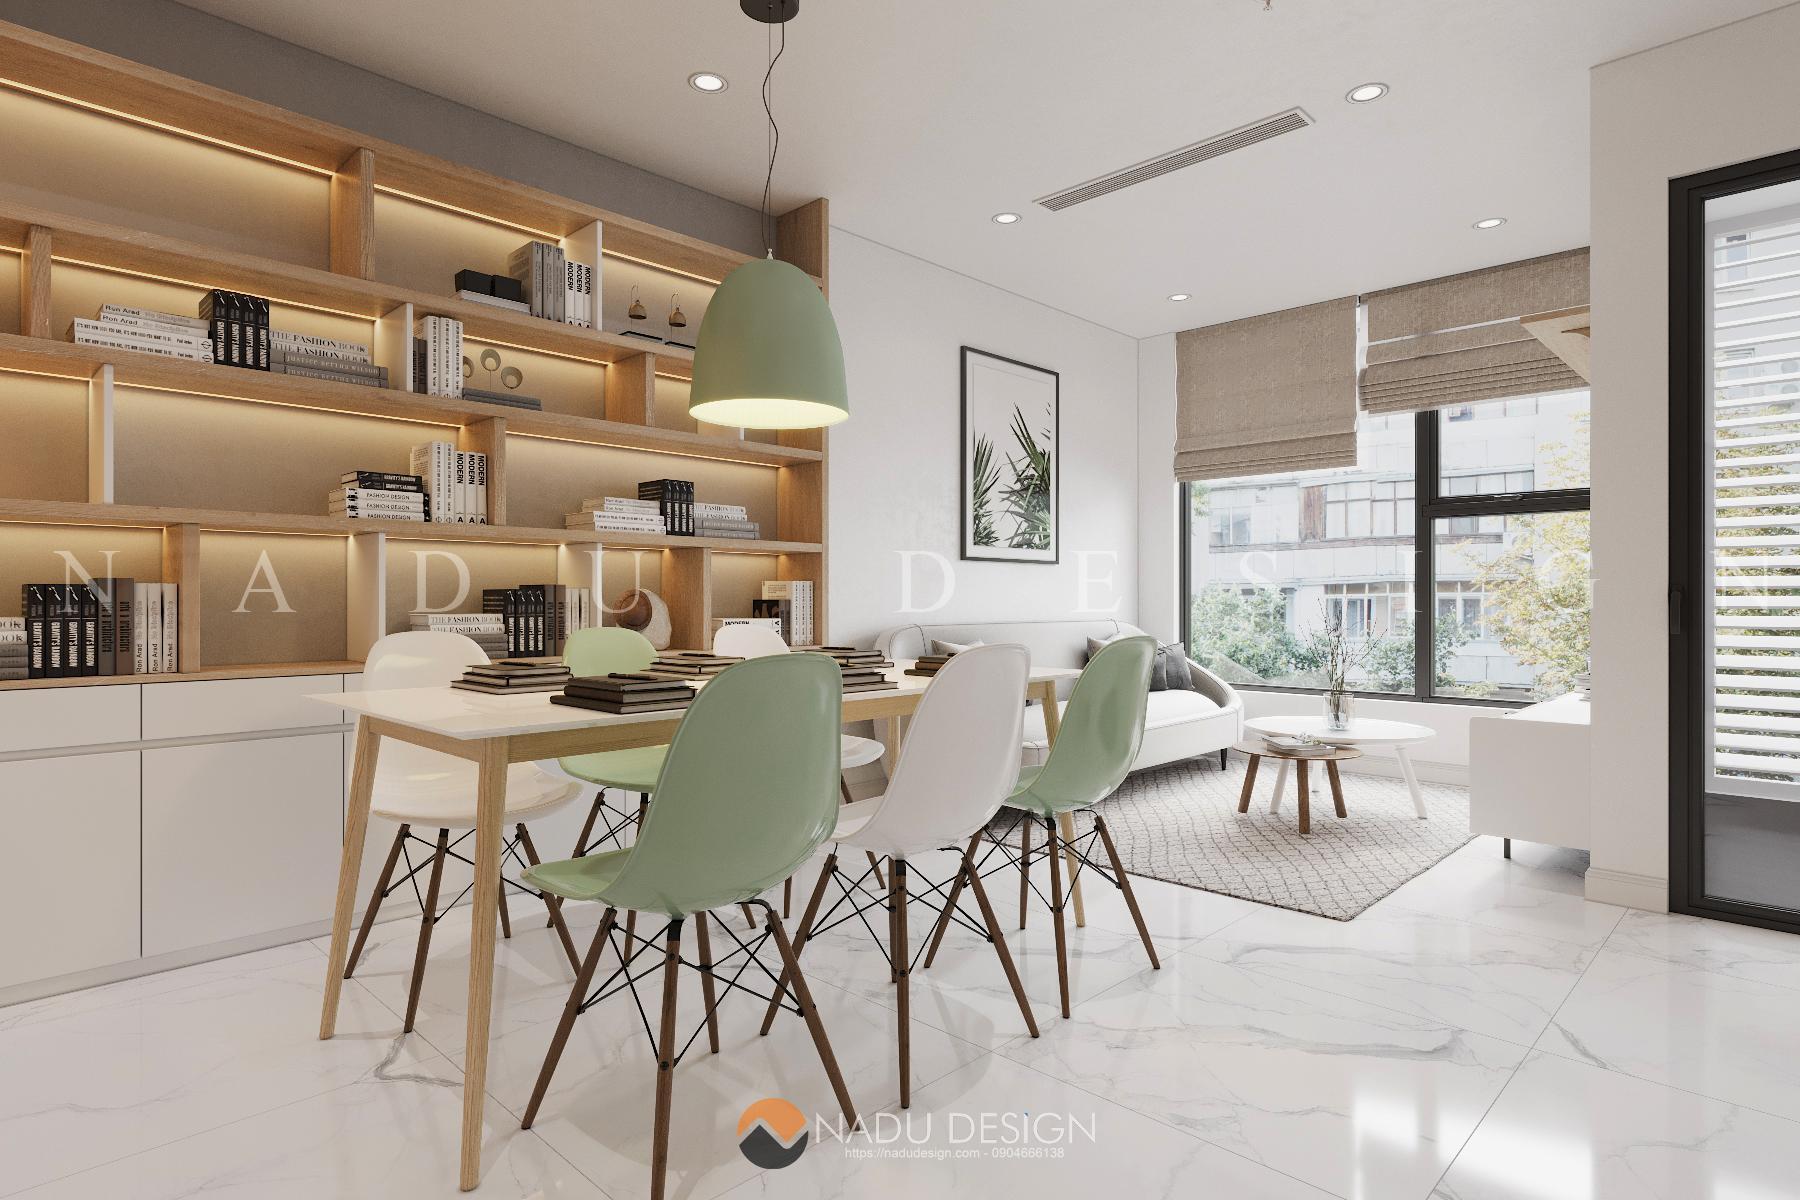 Thiết kế căn hộ 2 tầng mini phong cách Bắc Âu